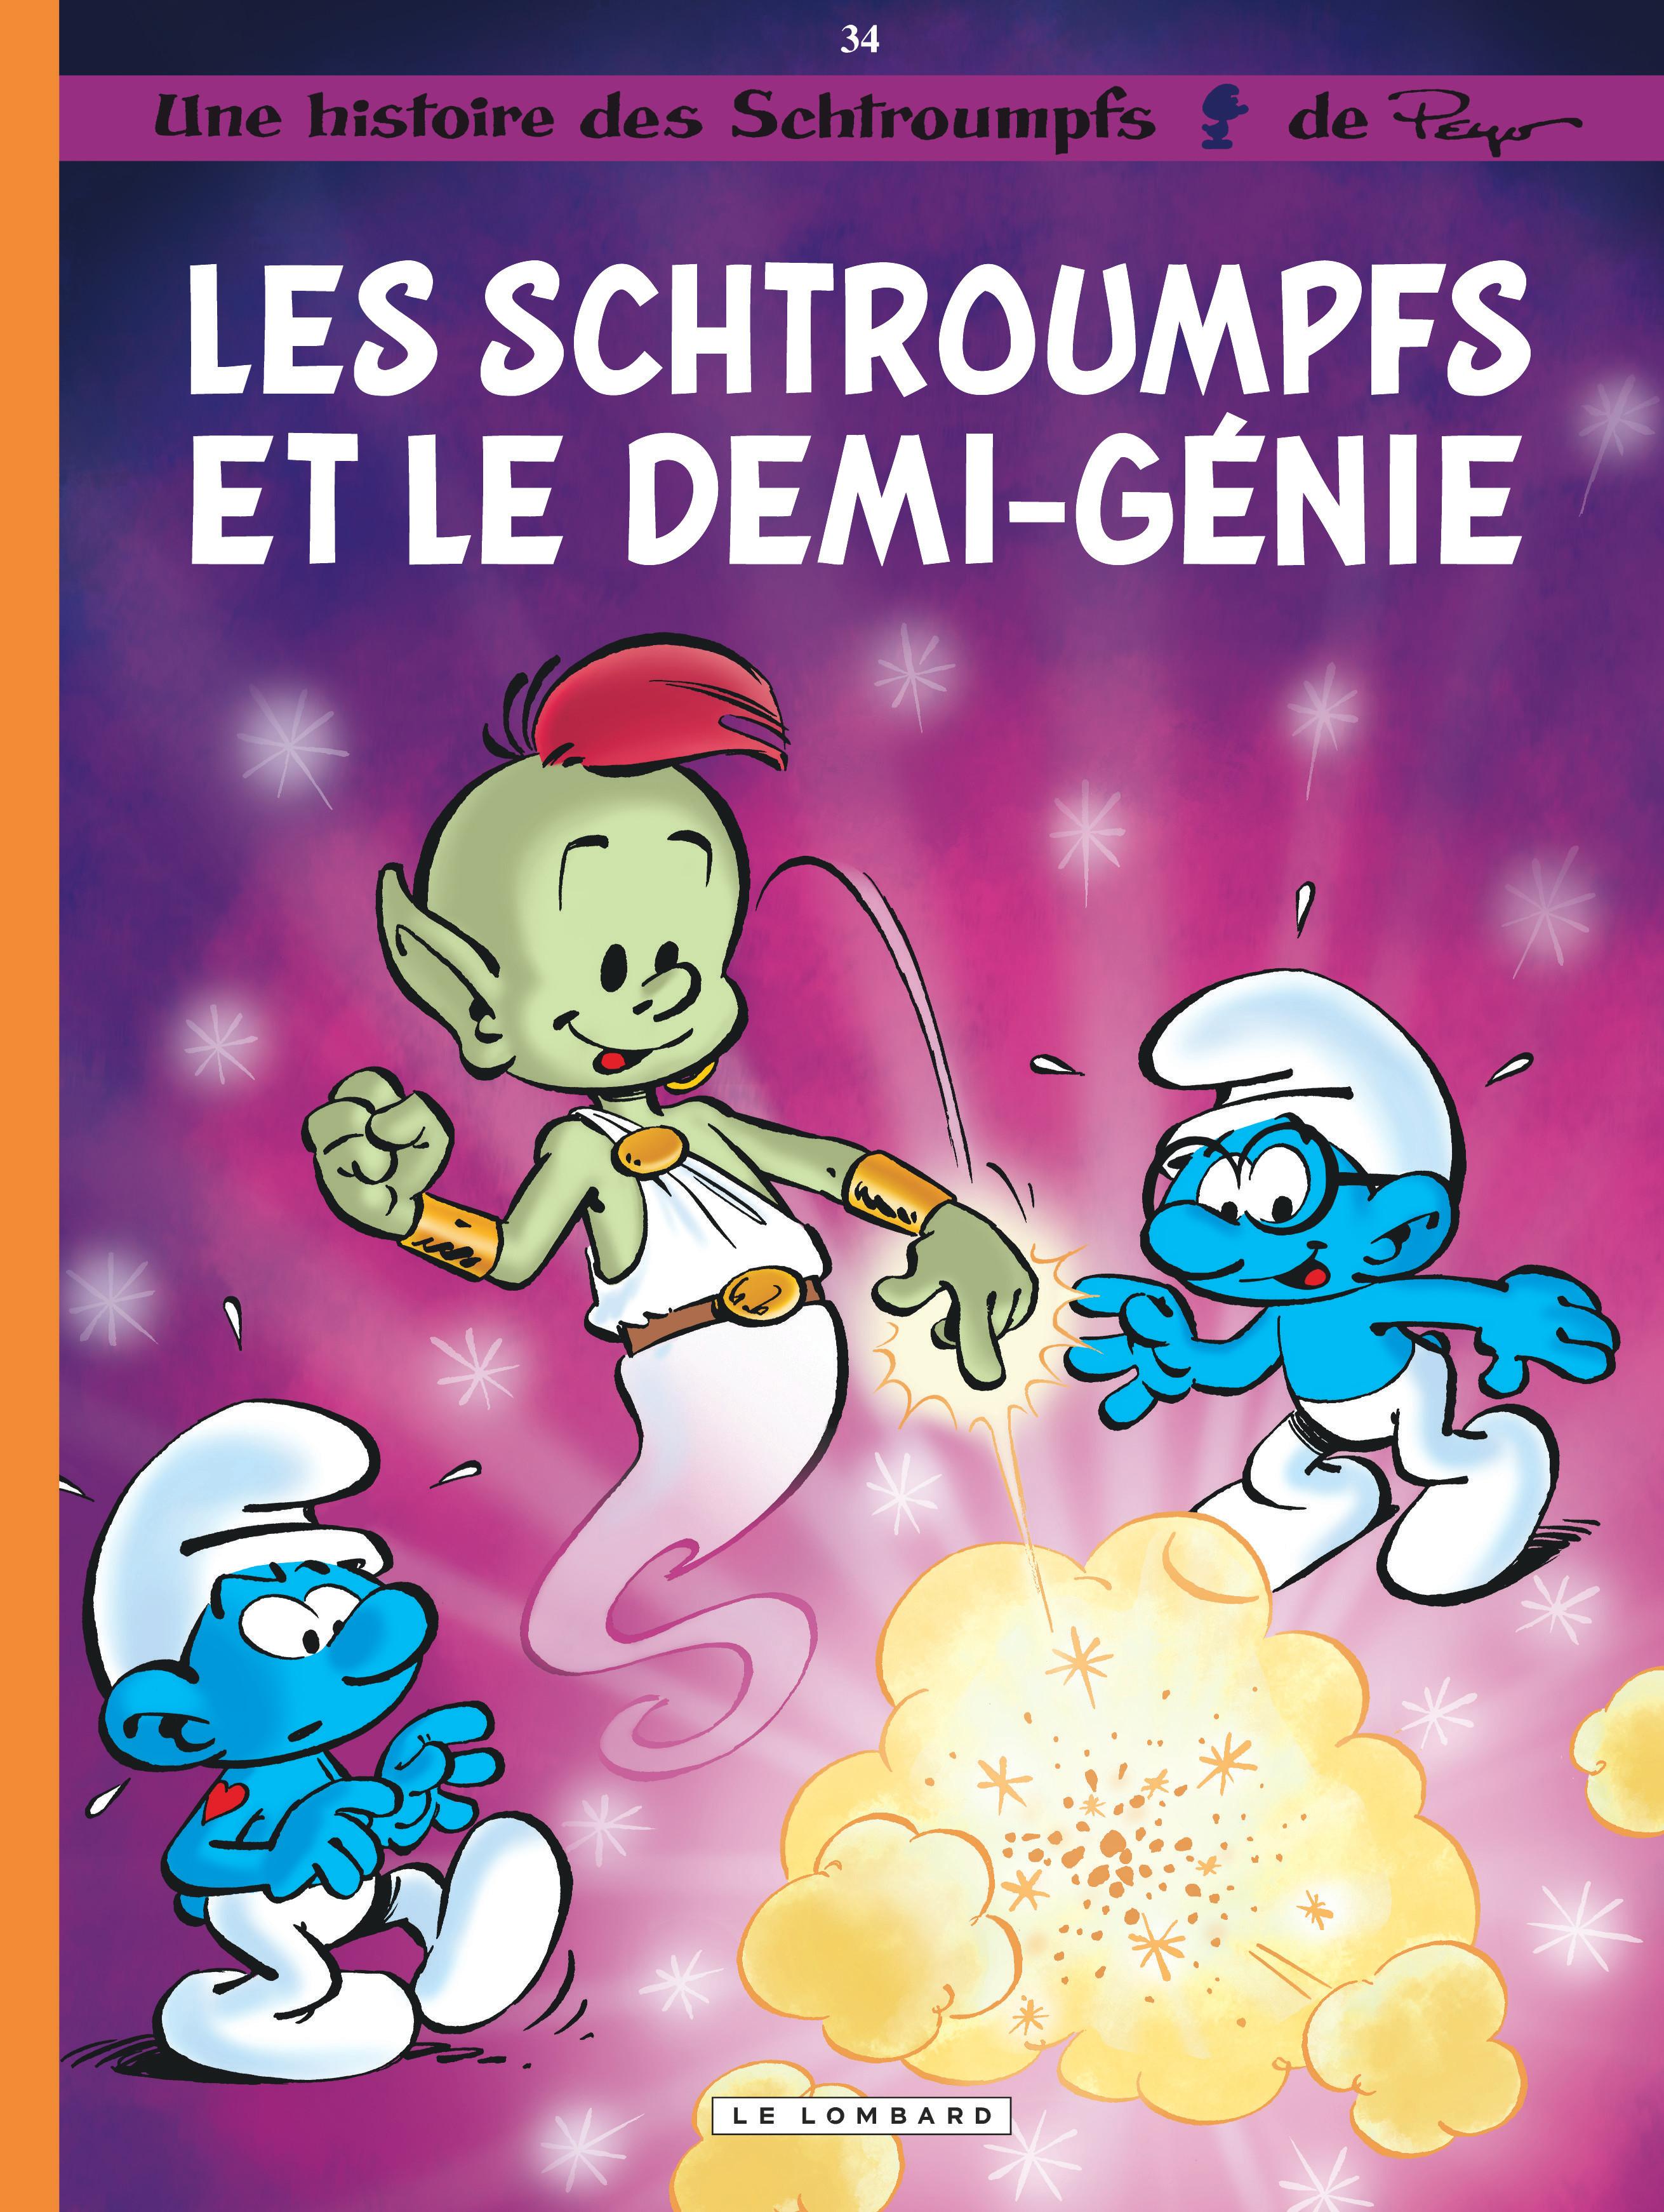 Les Schtroumpfs 34 - Les schtroumpfs et le demi-génie